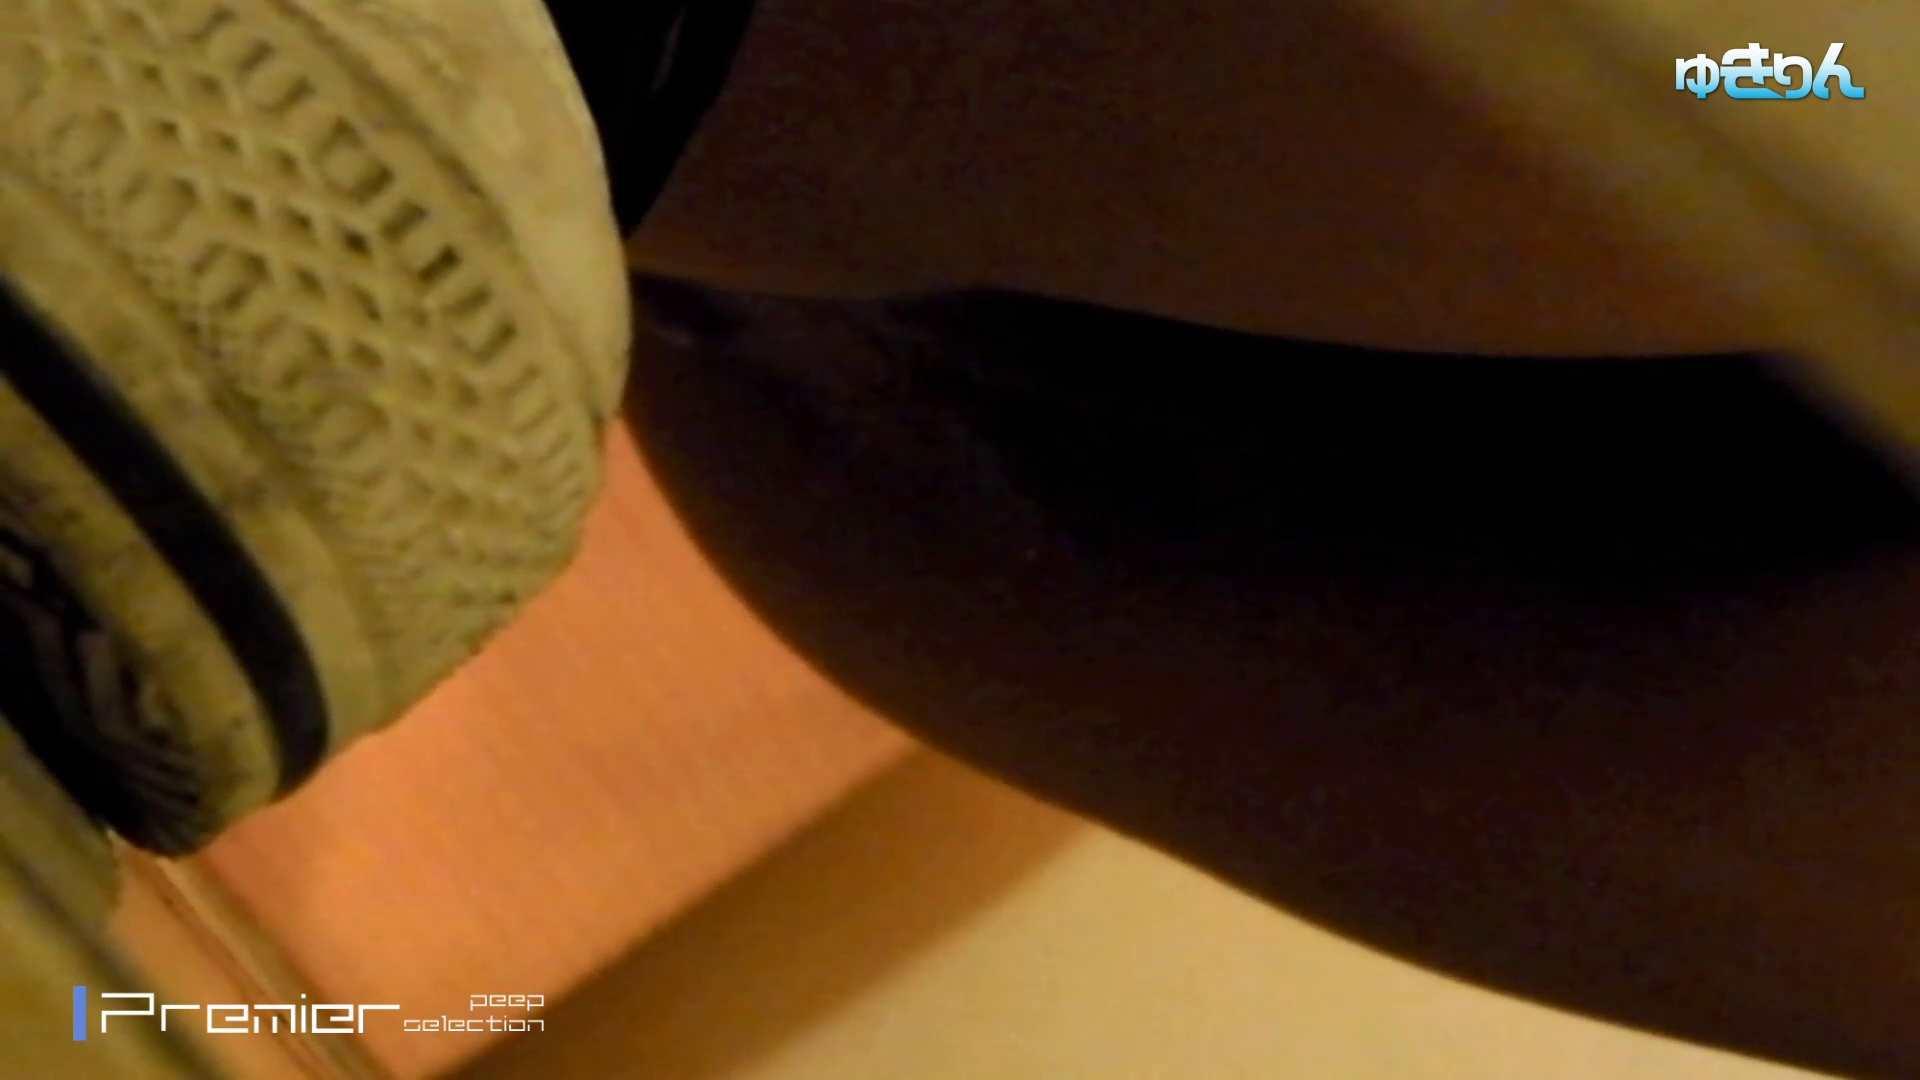 新世界の射窓 No98 キターッ特別に可愛い子の為、外まで粘着追い撮り!! 細身体型 オメコ無修正動画無料 110枚 29